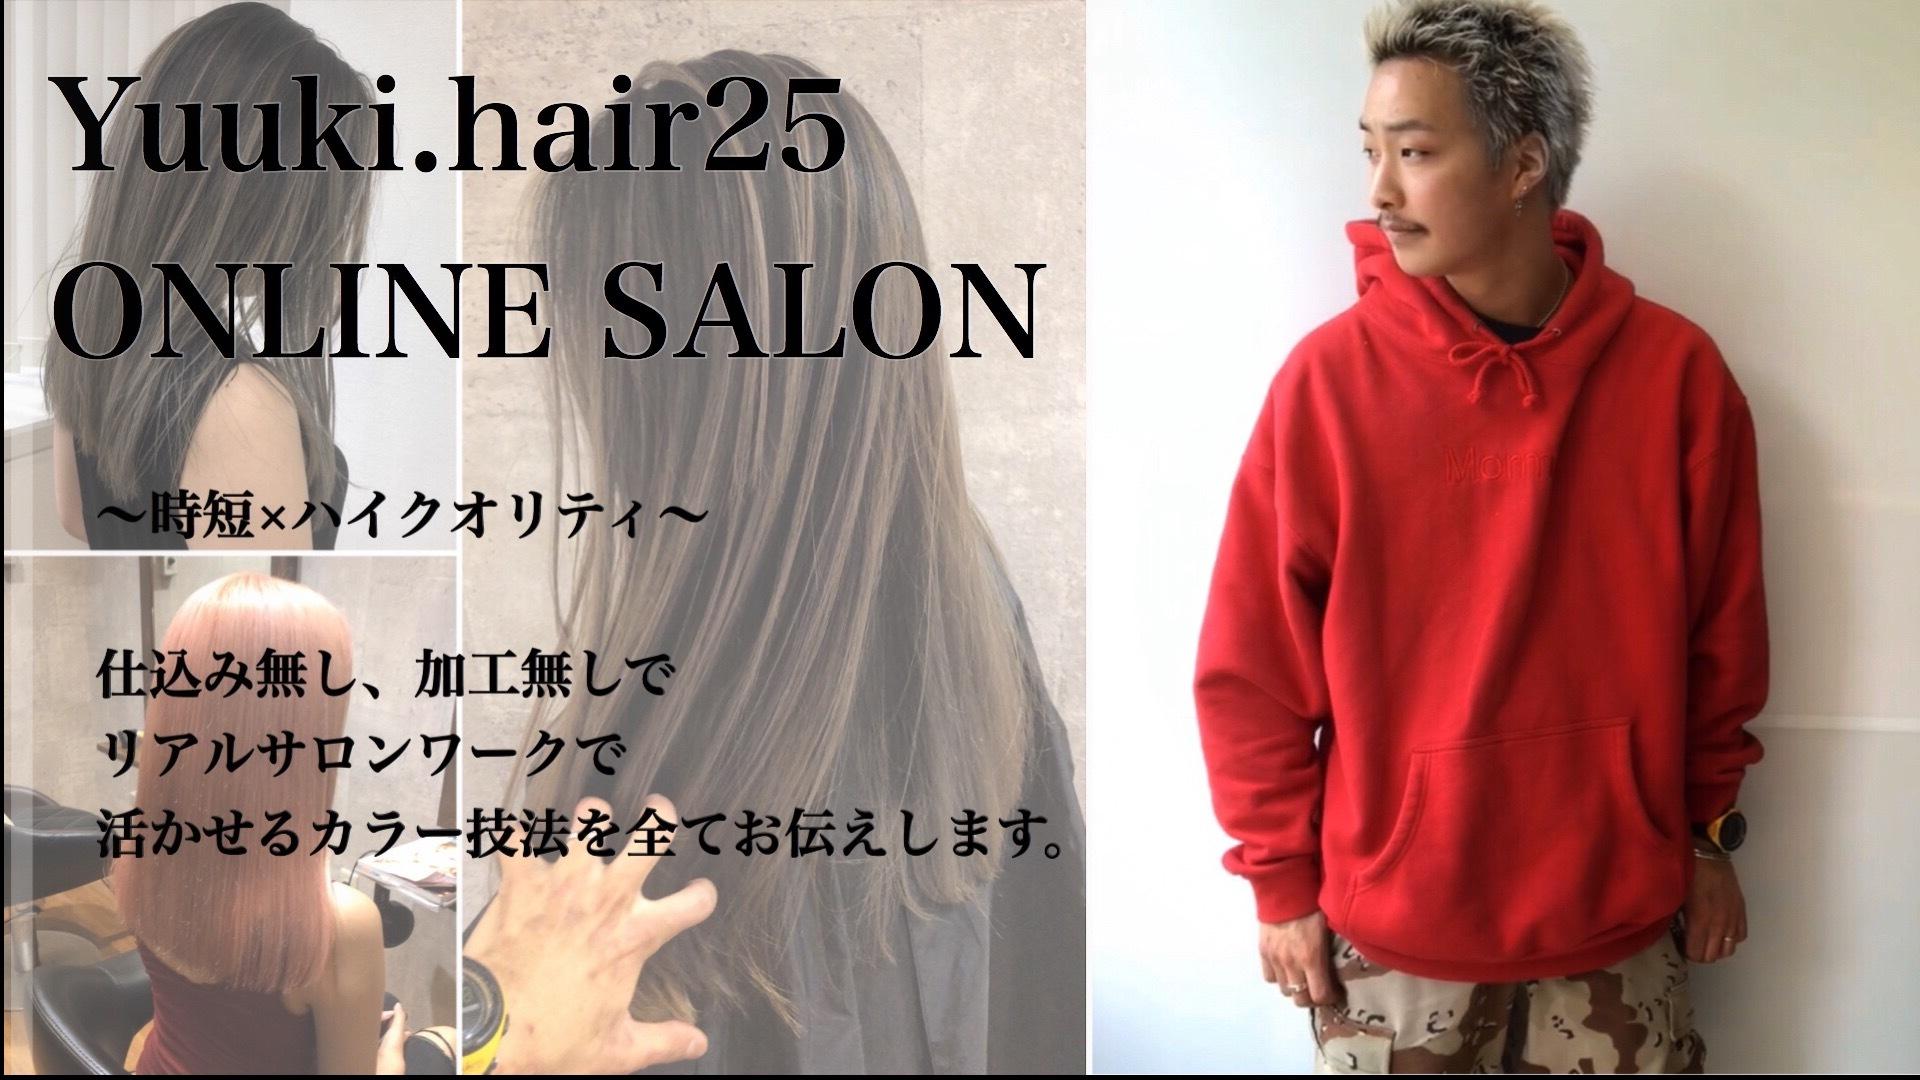 Yuuki.hair25 ONLINESALON